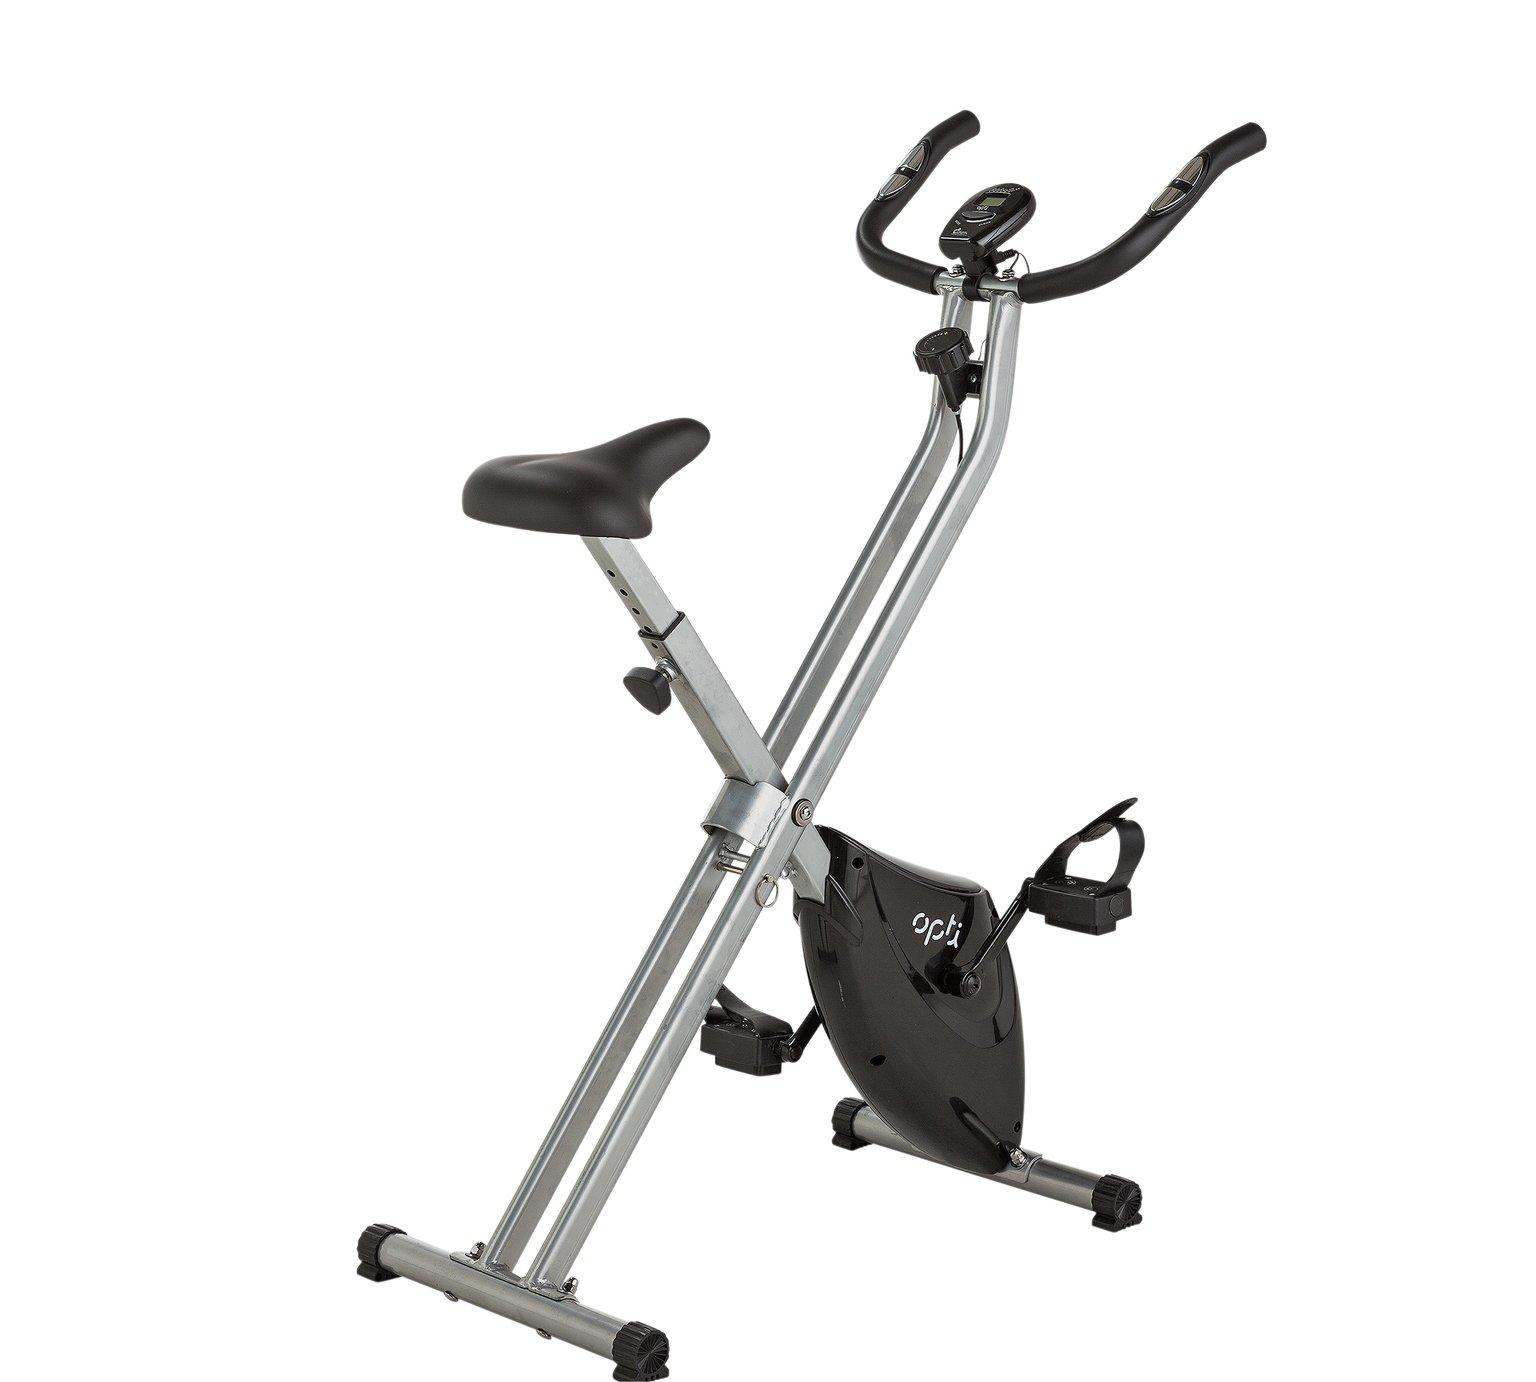 Opti Folding Magentic Exercise Bike